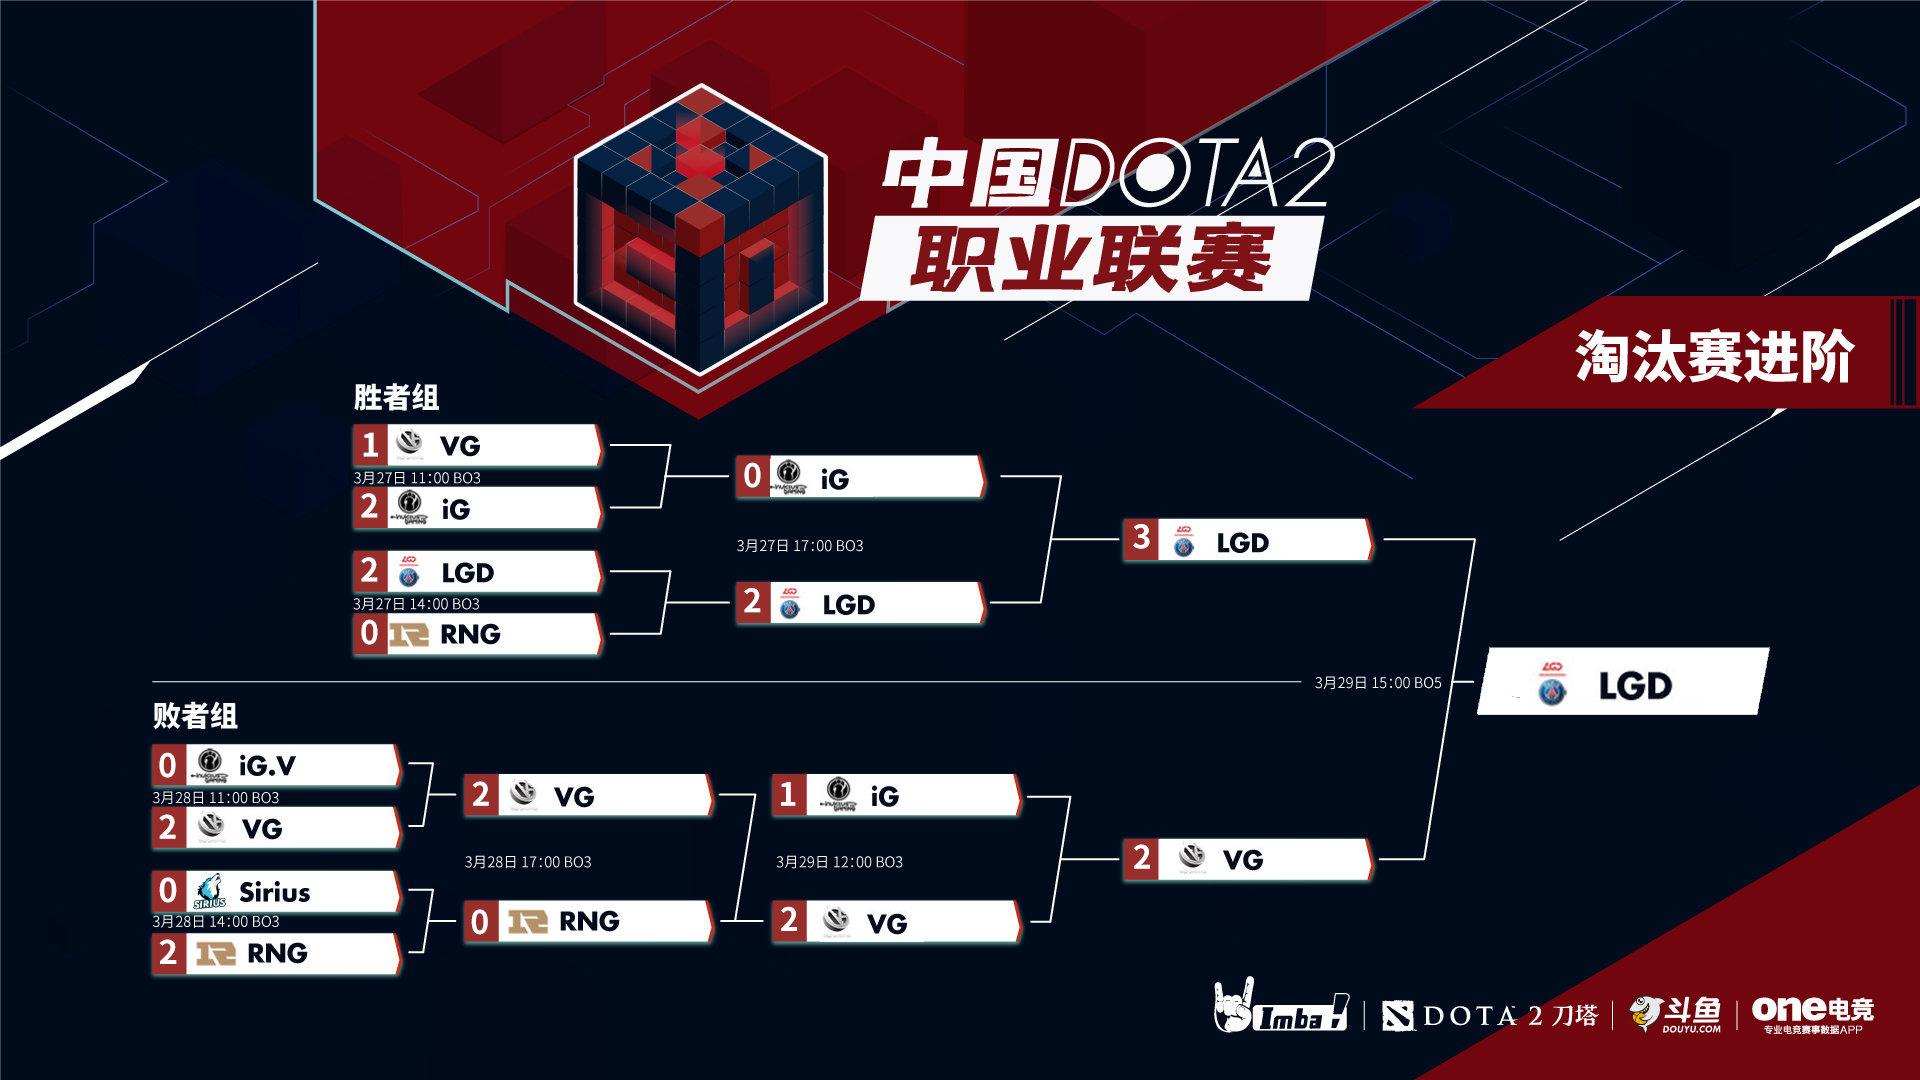 中国《DOTA2》职业联赛 LGD夺冠独揽80万元奖金